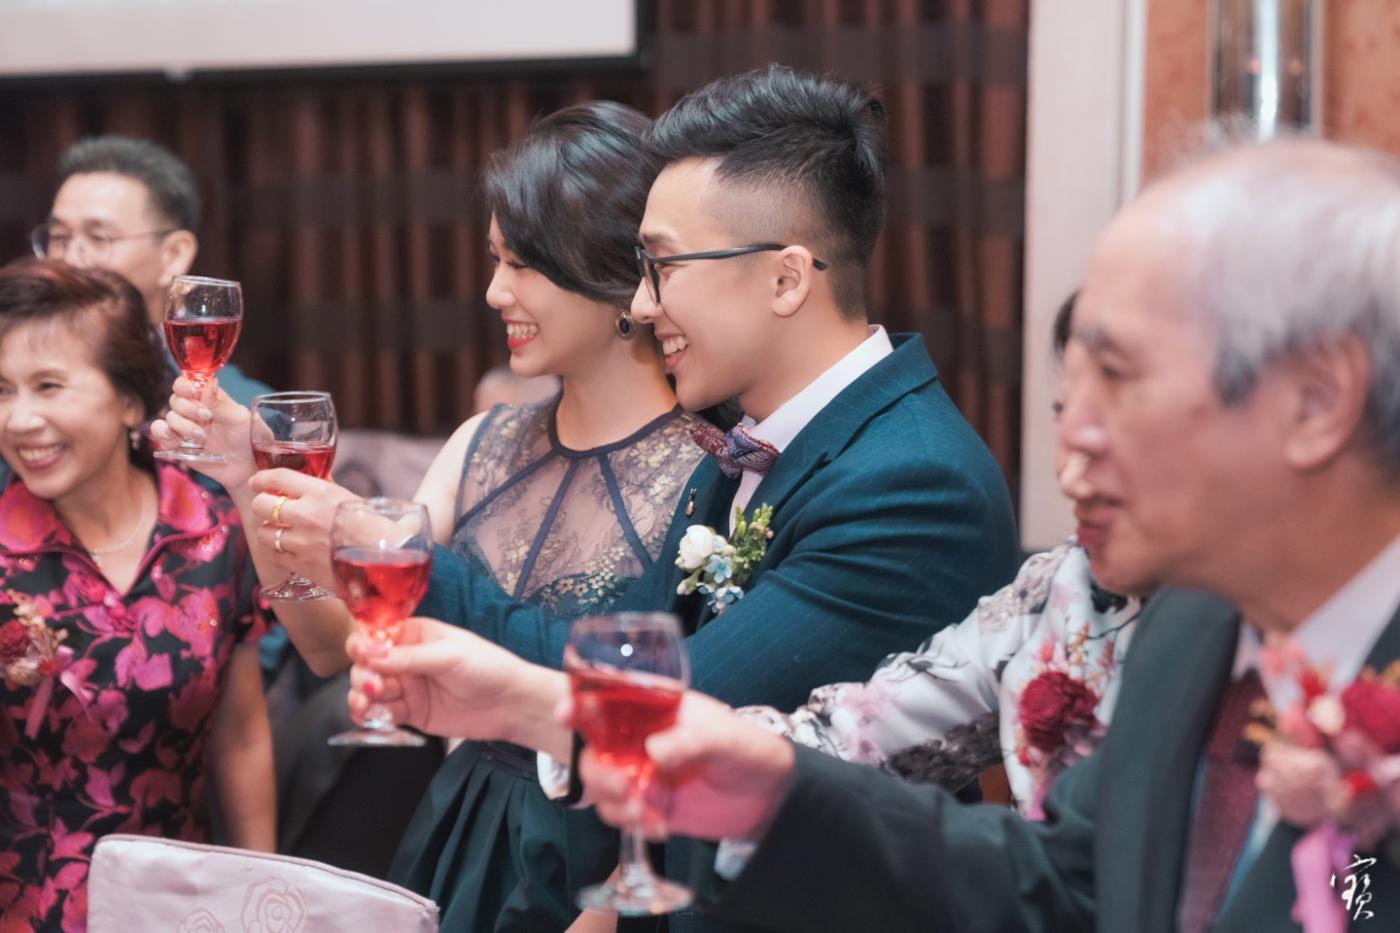 婚禮攝影 婚紗 大直 典華 冬半影像 攝影師大寶 北部攝影 台北攝影 桃園攝影 新竹攝影20181208-412